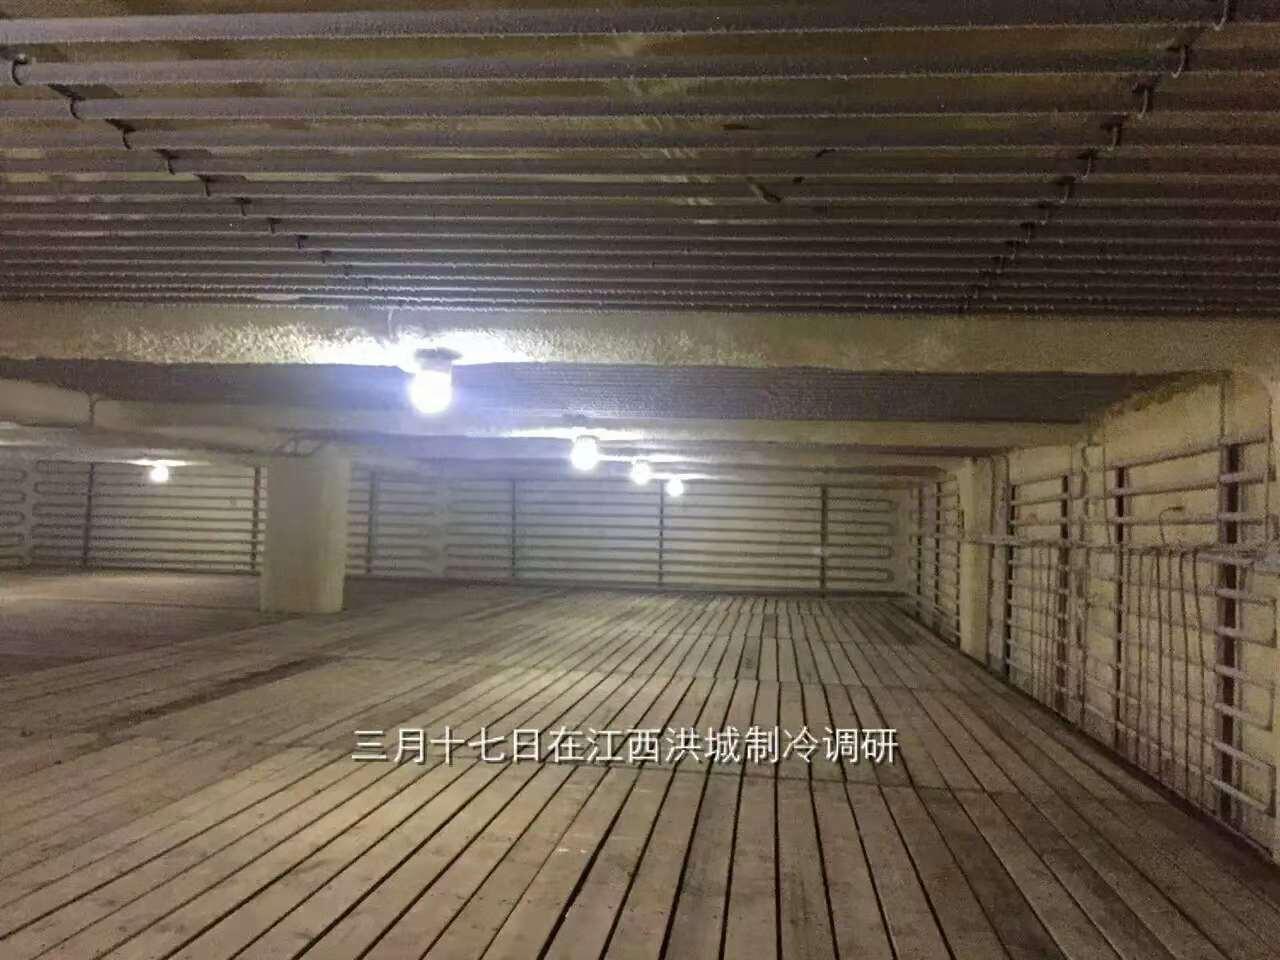 廣州雪霸制冷提供優良的速凍冷庫|佛山速凍冷庫銷售